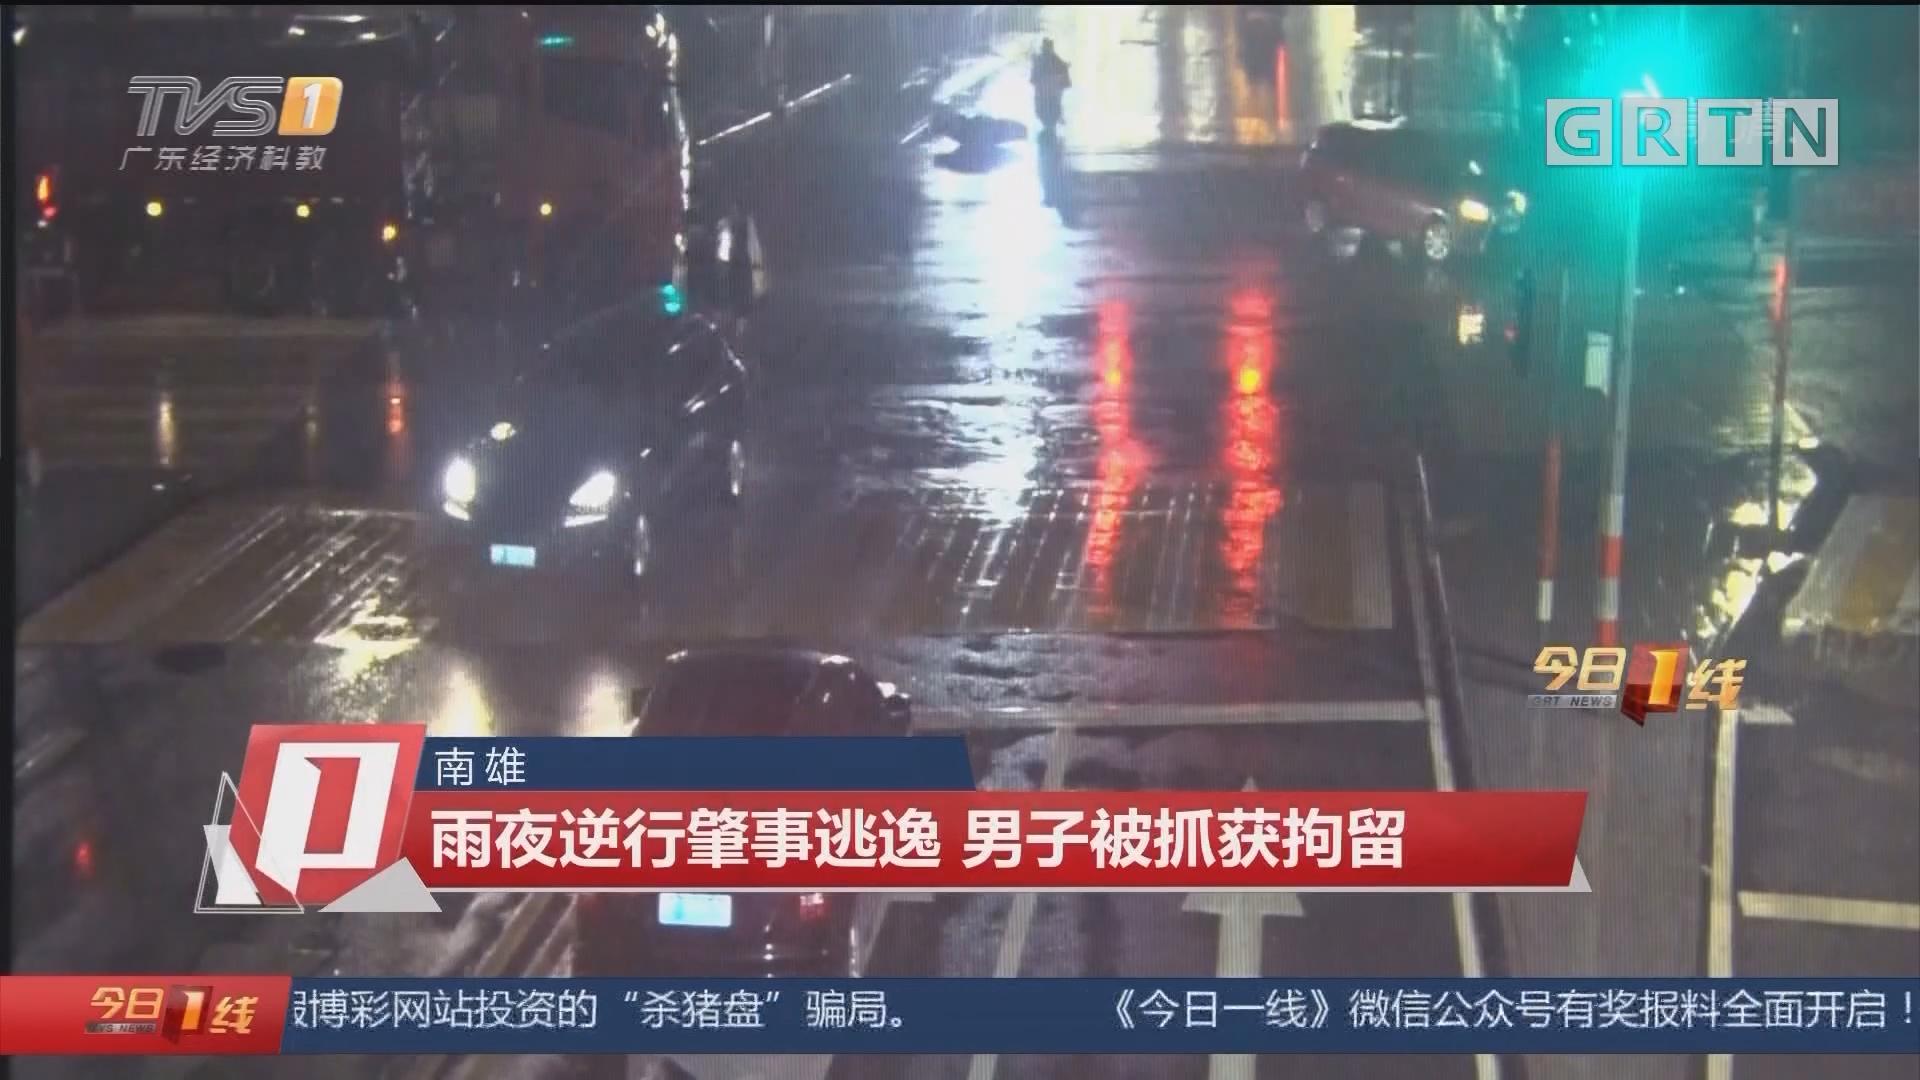 南雄:雨夜逆行肇事逃逸 男子被抓获拘留